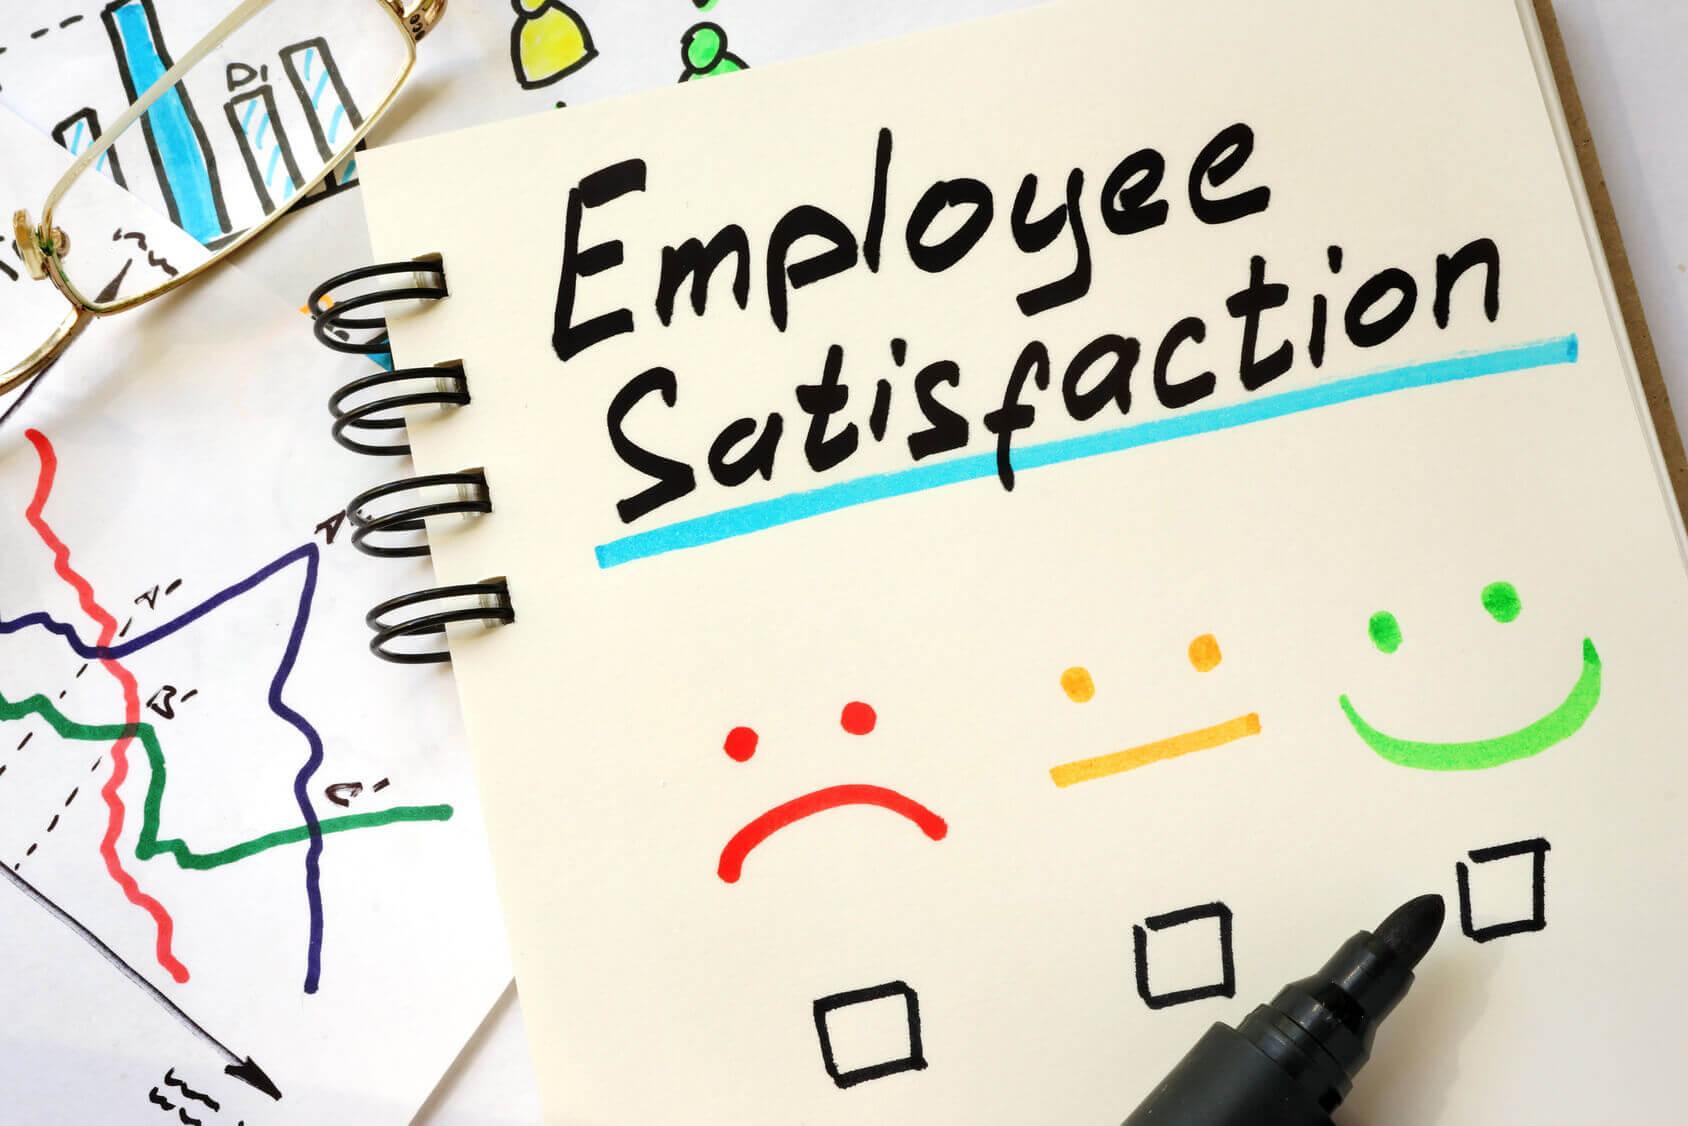 従業員の満足